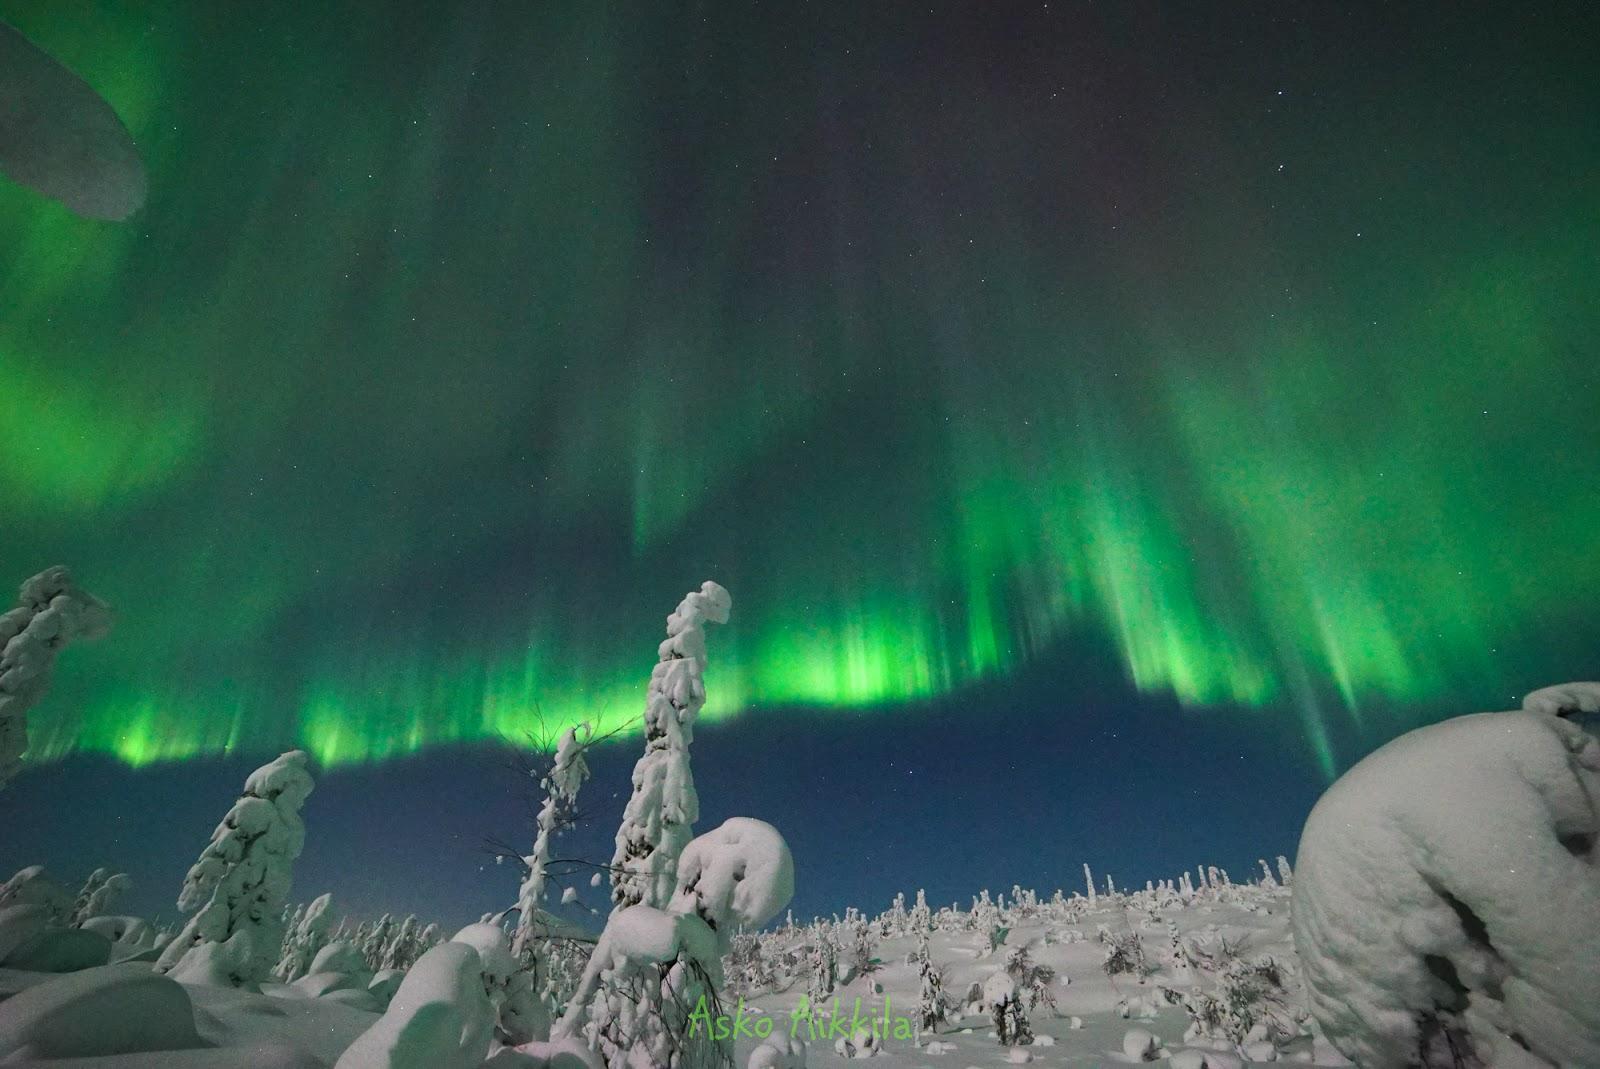 Zorza polarna sfotografowana w noc z 16 na 17.02.2016 r. (Credit: Asko Aikkila, Kuusamo Finlandia)